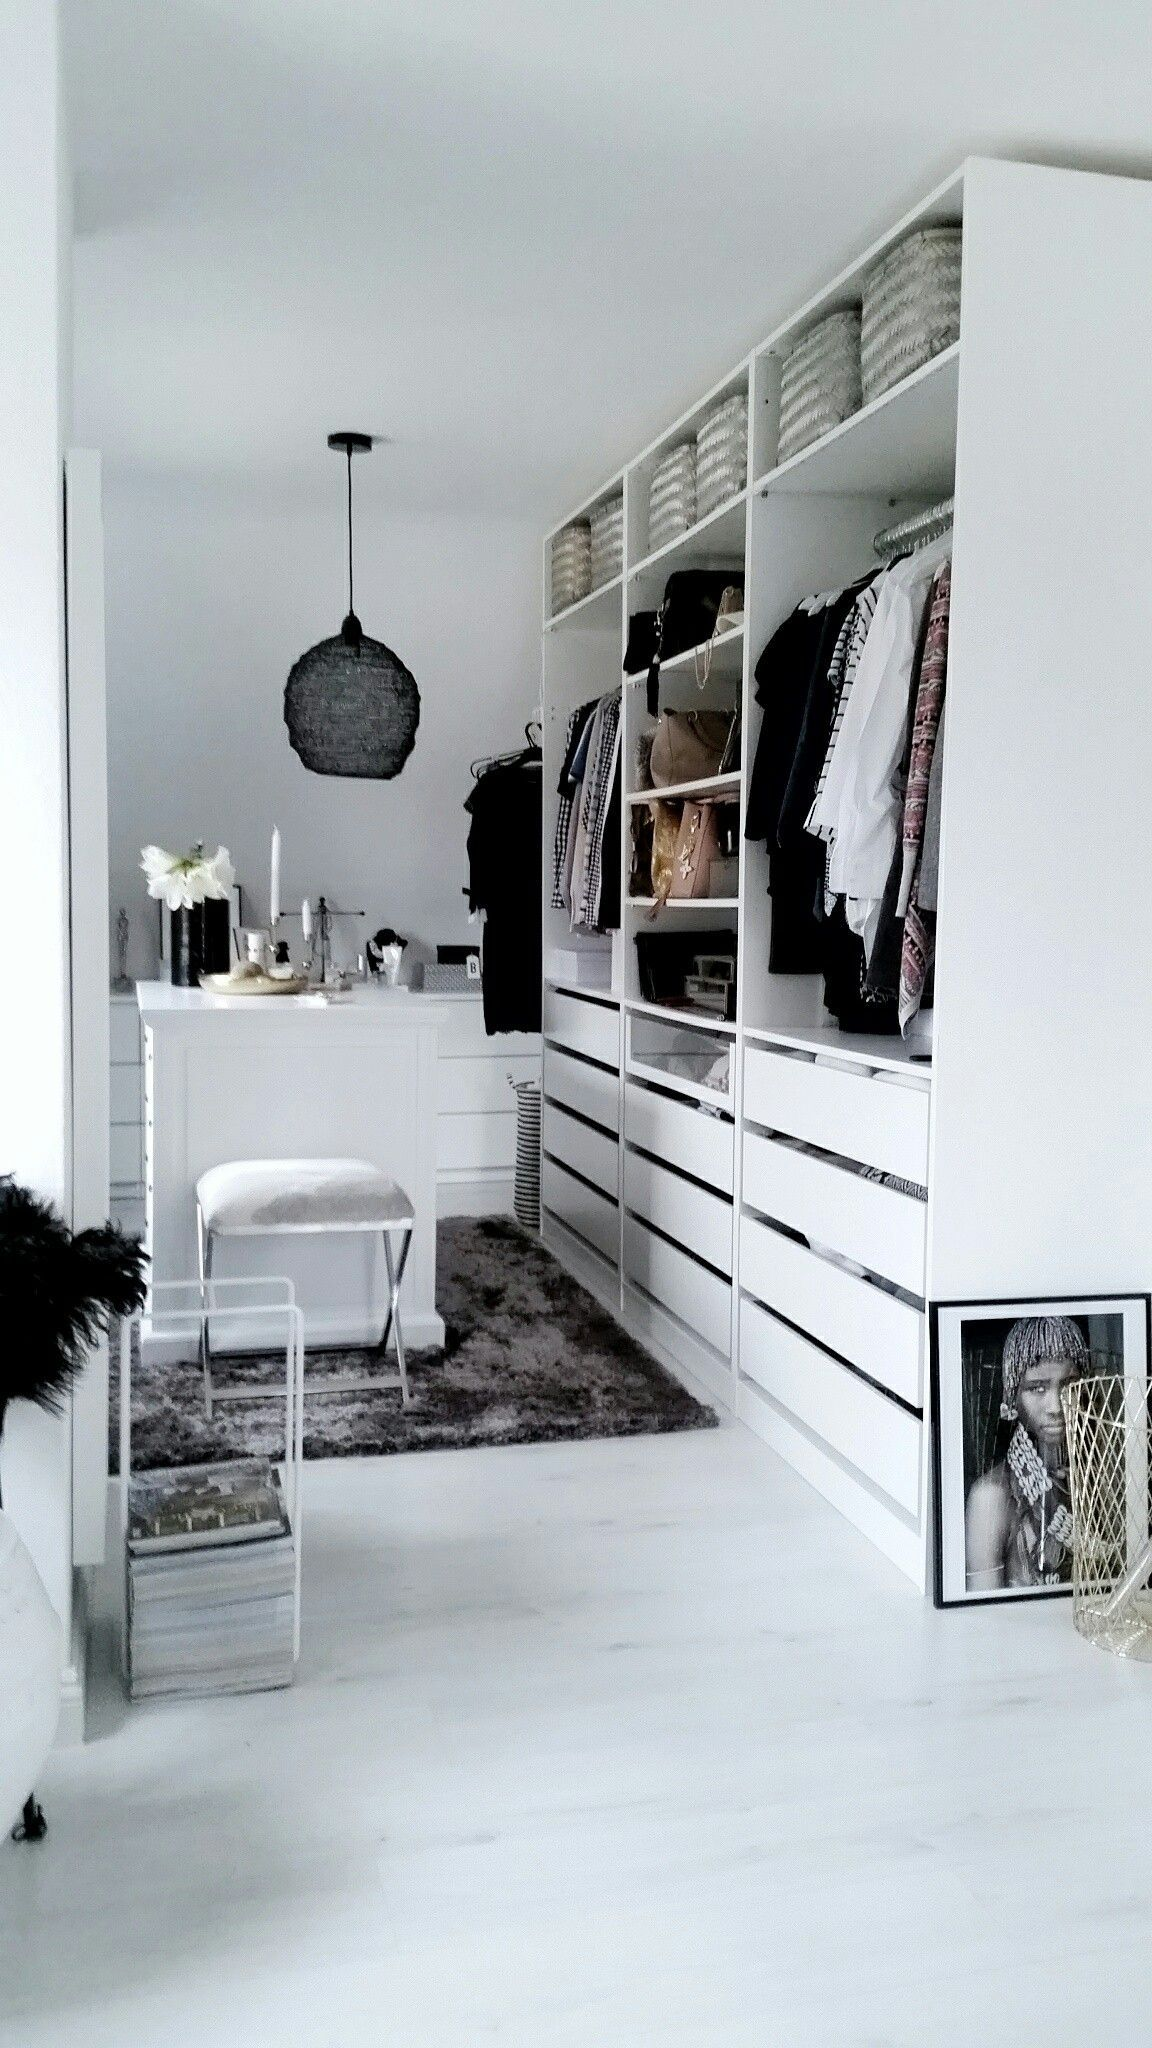 Những kiểu dáng tủ quần áo vừa thời trang vừa giúp đựng được vô số đồ đạc dành cho nhà nhỏ - Ảnh 5.